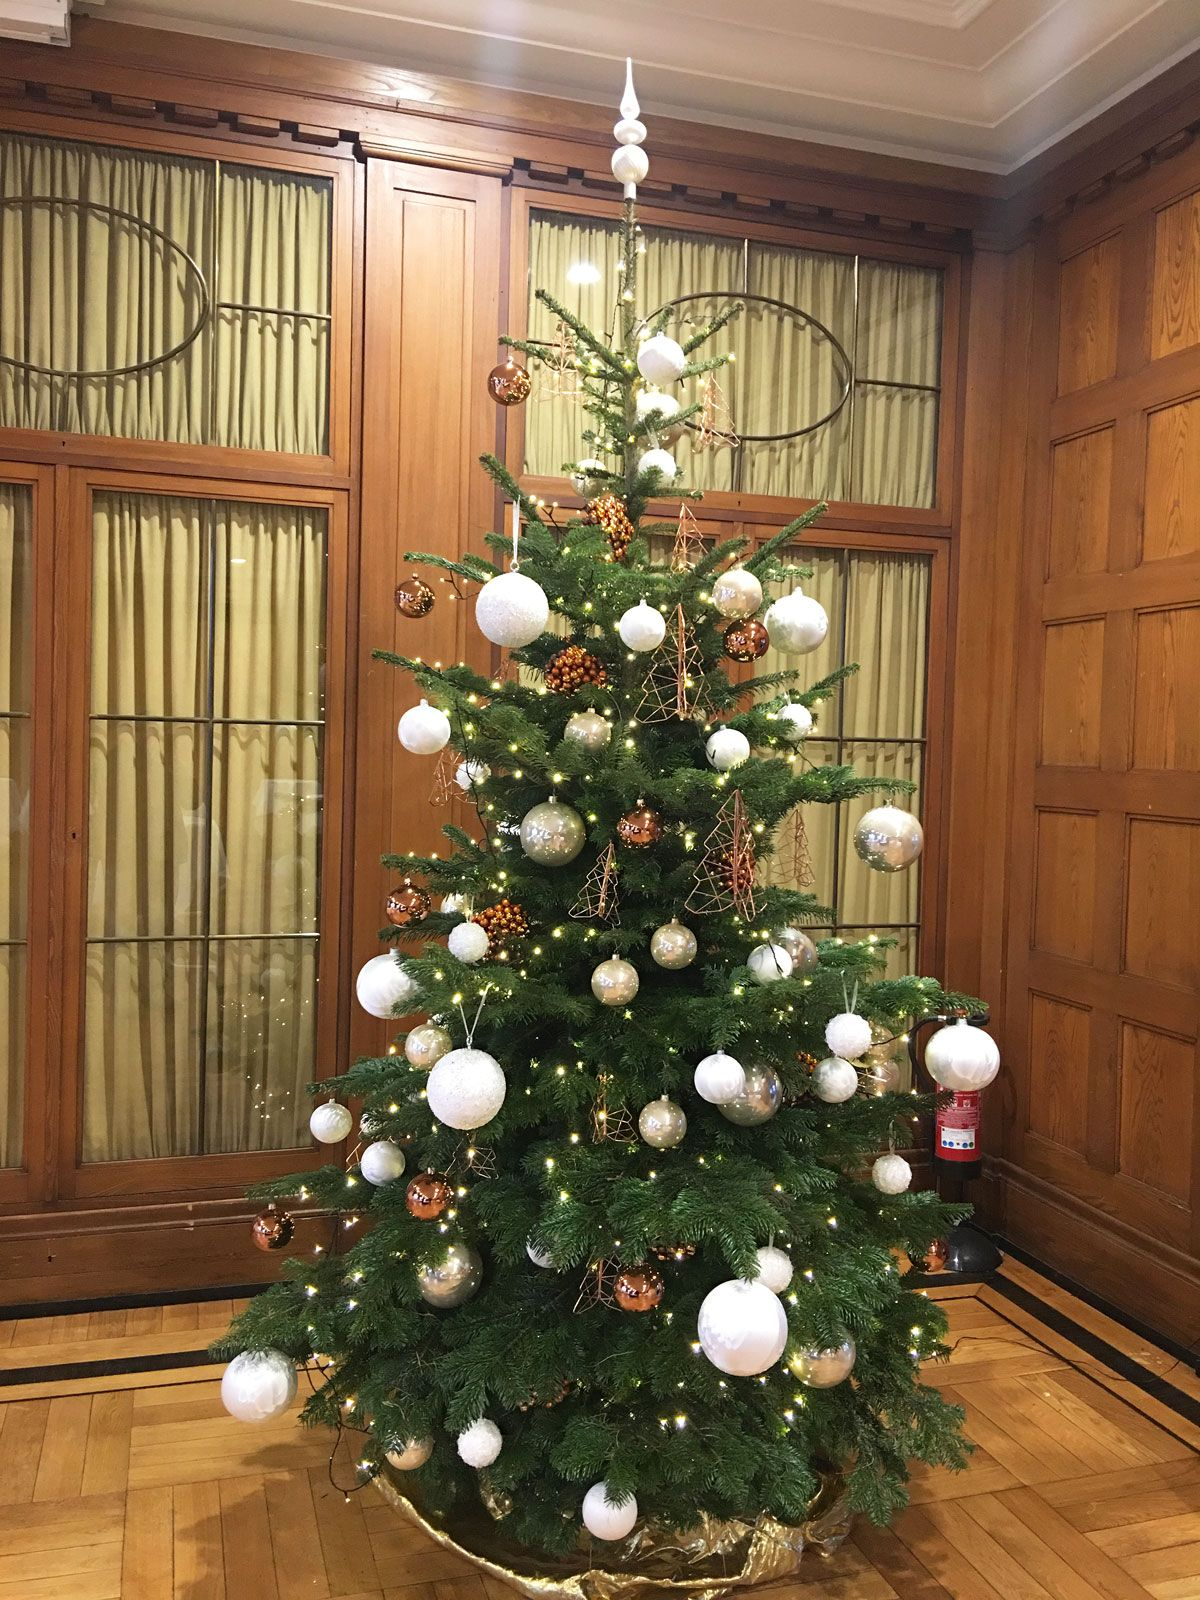 geschm ckter christbaum mit weihnachtskugel in wei silber und kupfer f r hotel mit. Black Bedroom Furniture Sets. Home Design Ideas